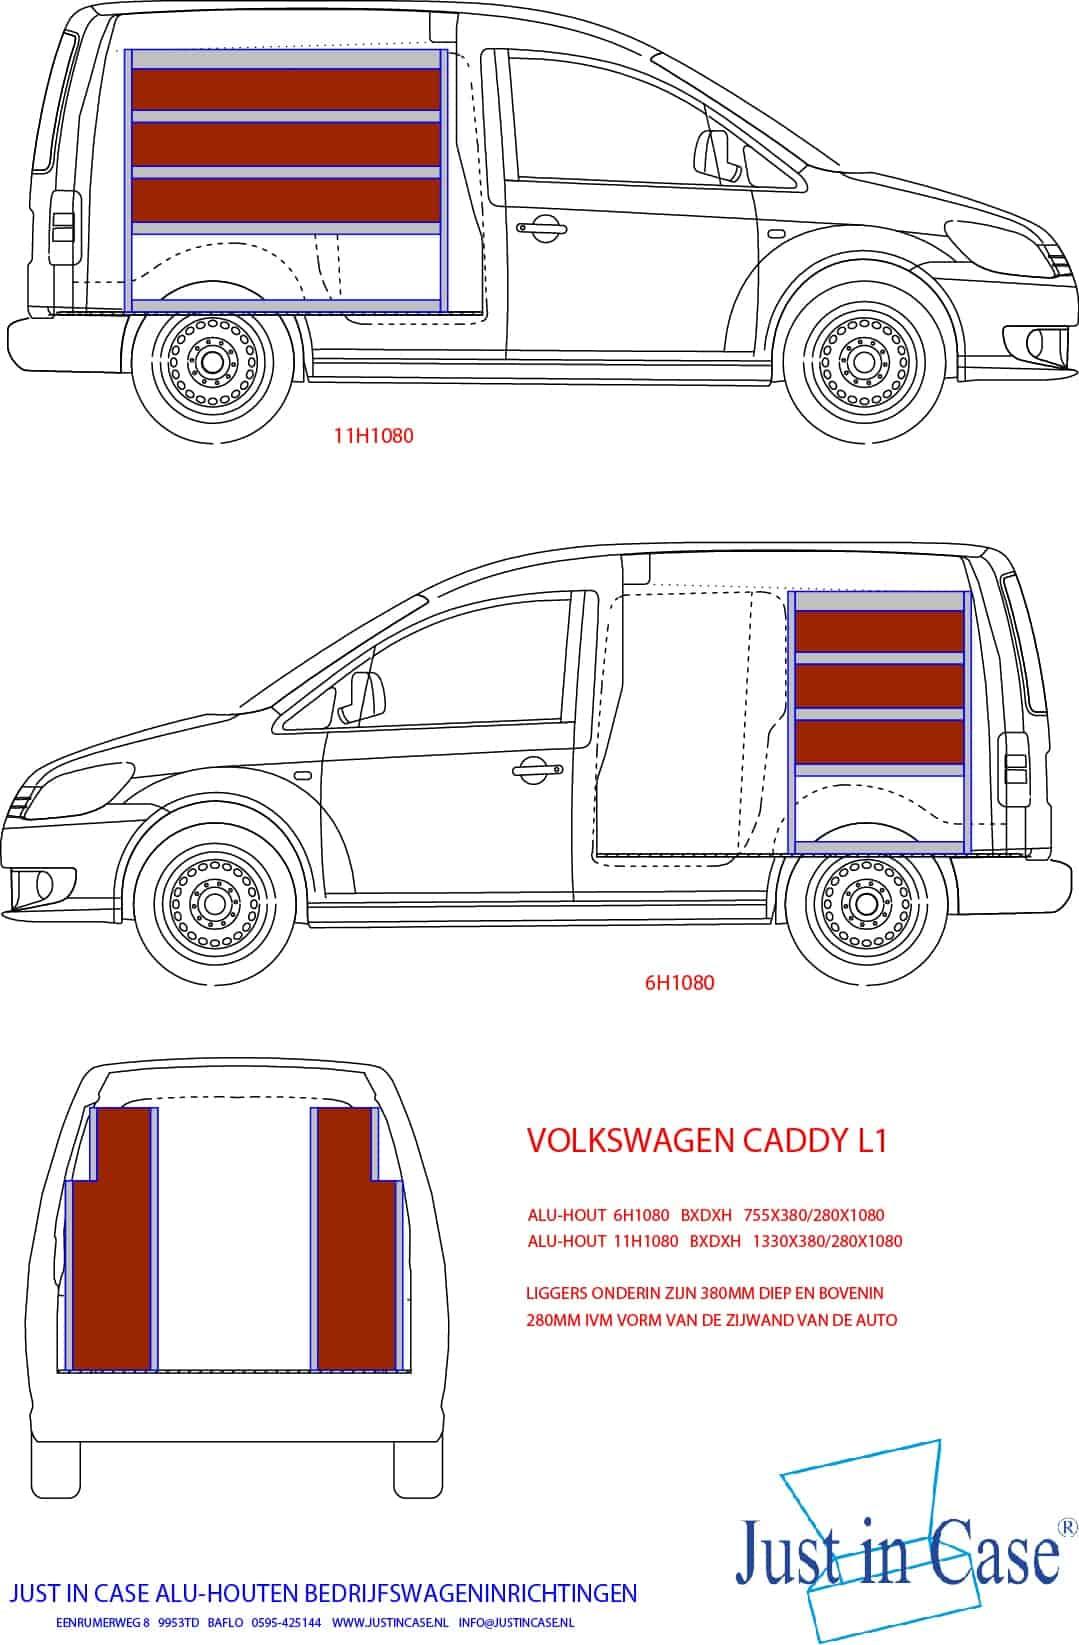 Volkswagen Caddy (Lengte 1) bedrijfswageninrichting schets